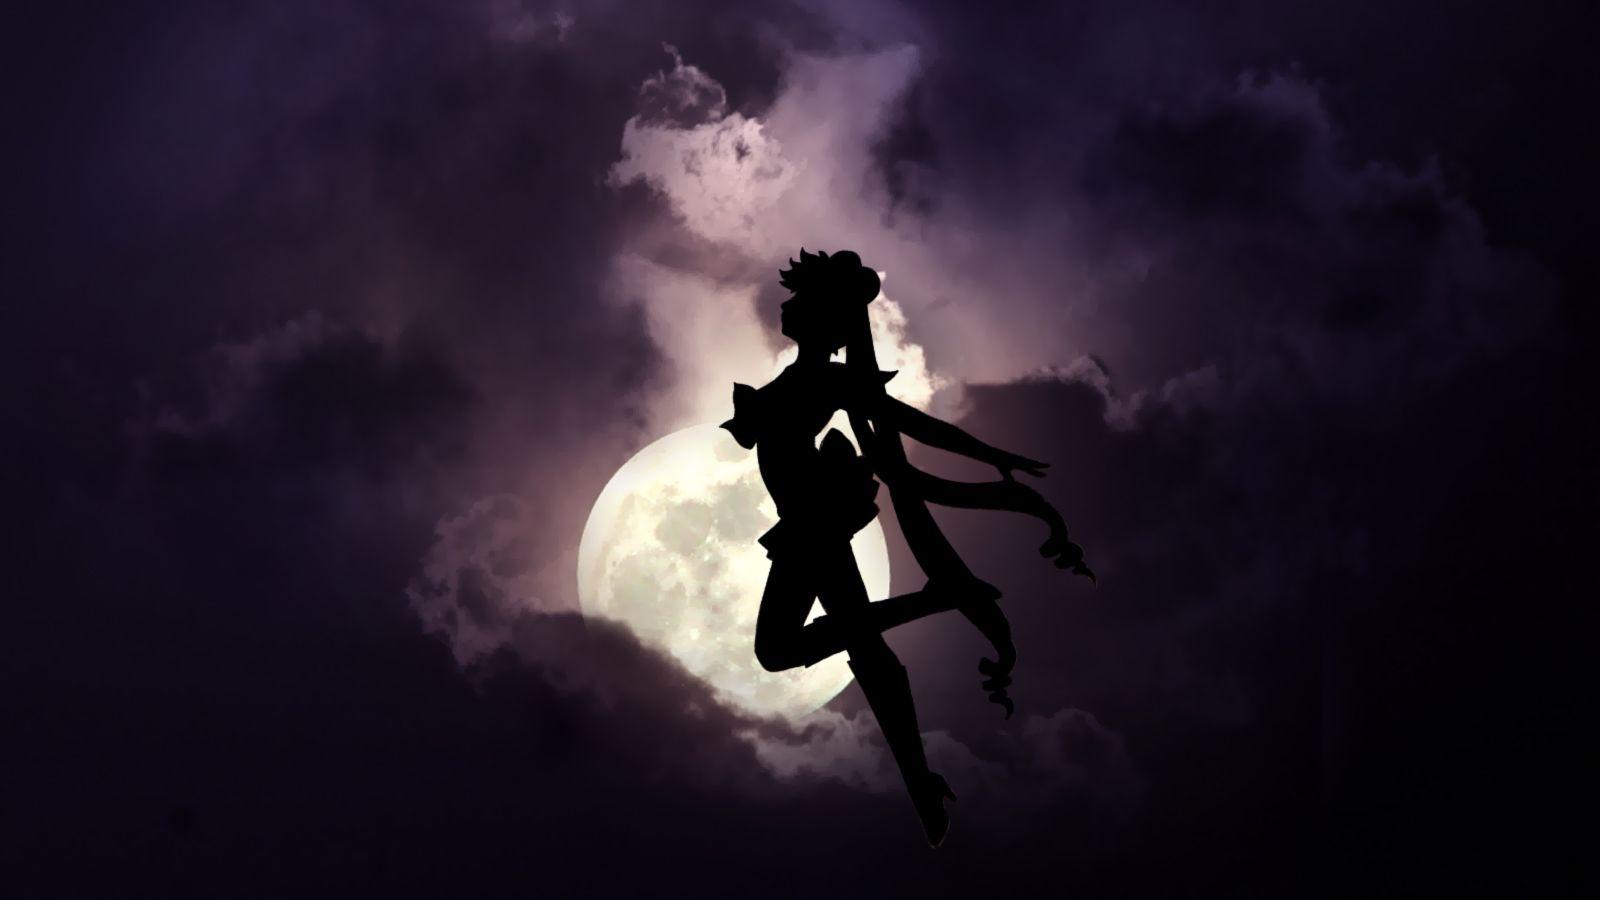 Sailor Moon Wallpaper Hd wallpaper hd